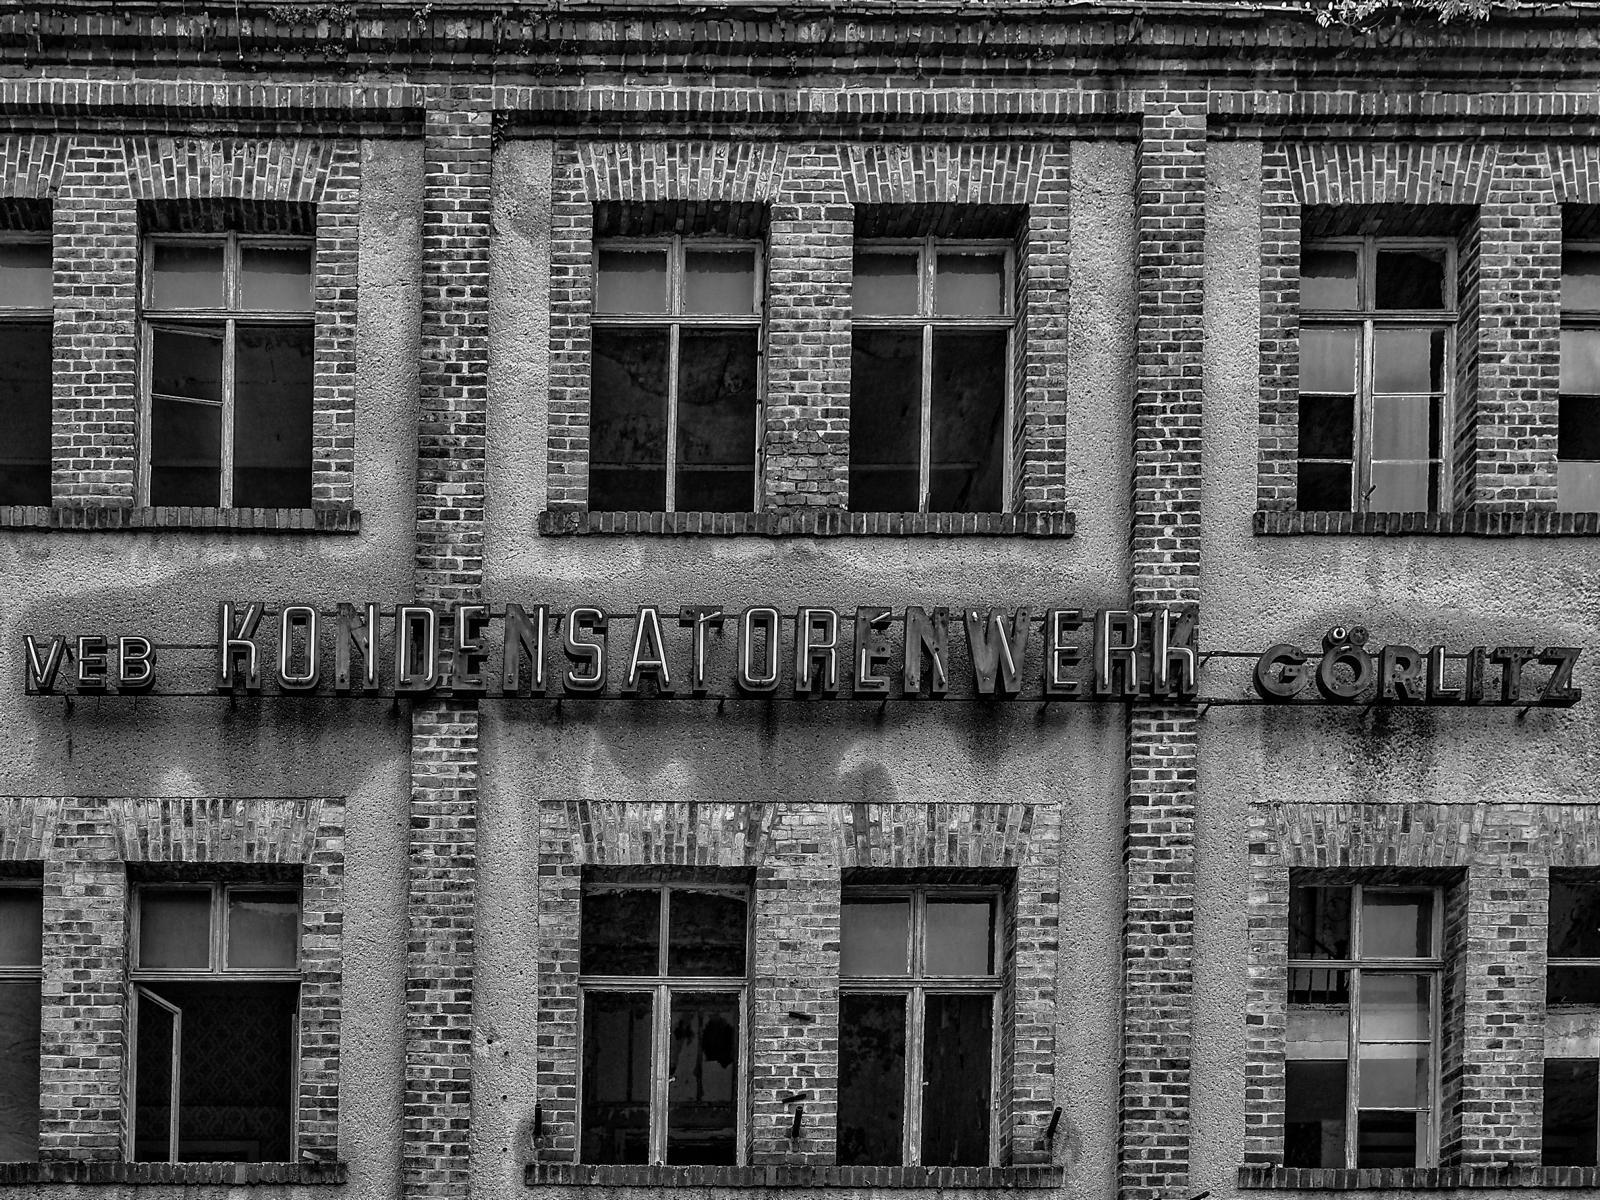 VEB Kondensatorenwerk Görlitz – Lost Place